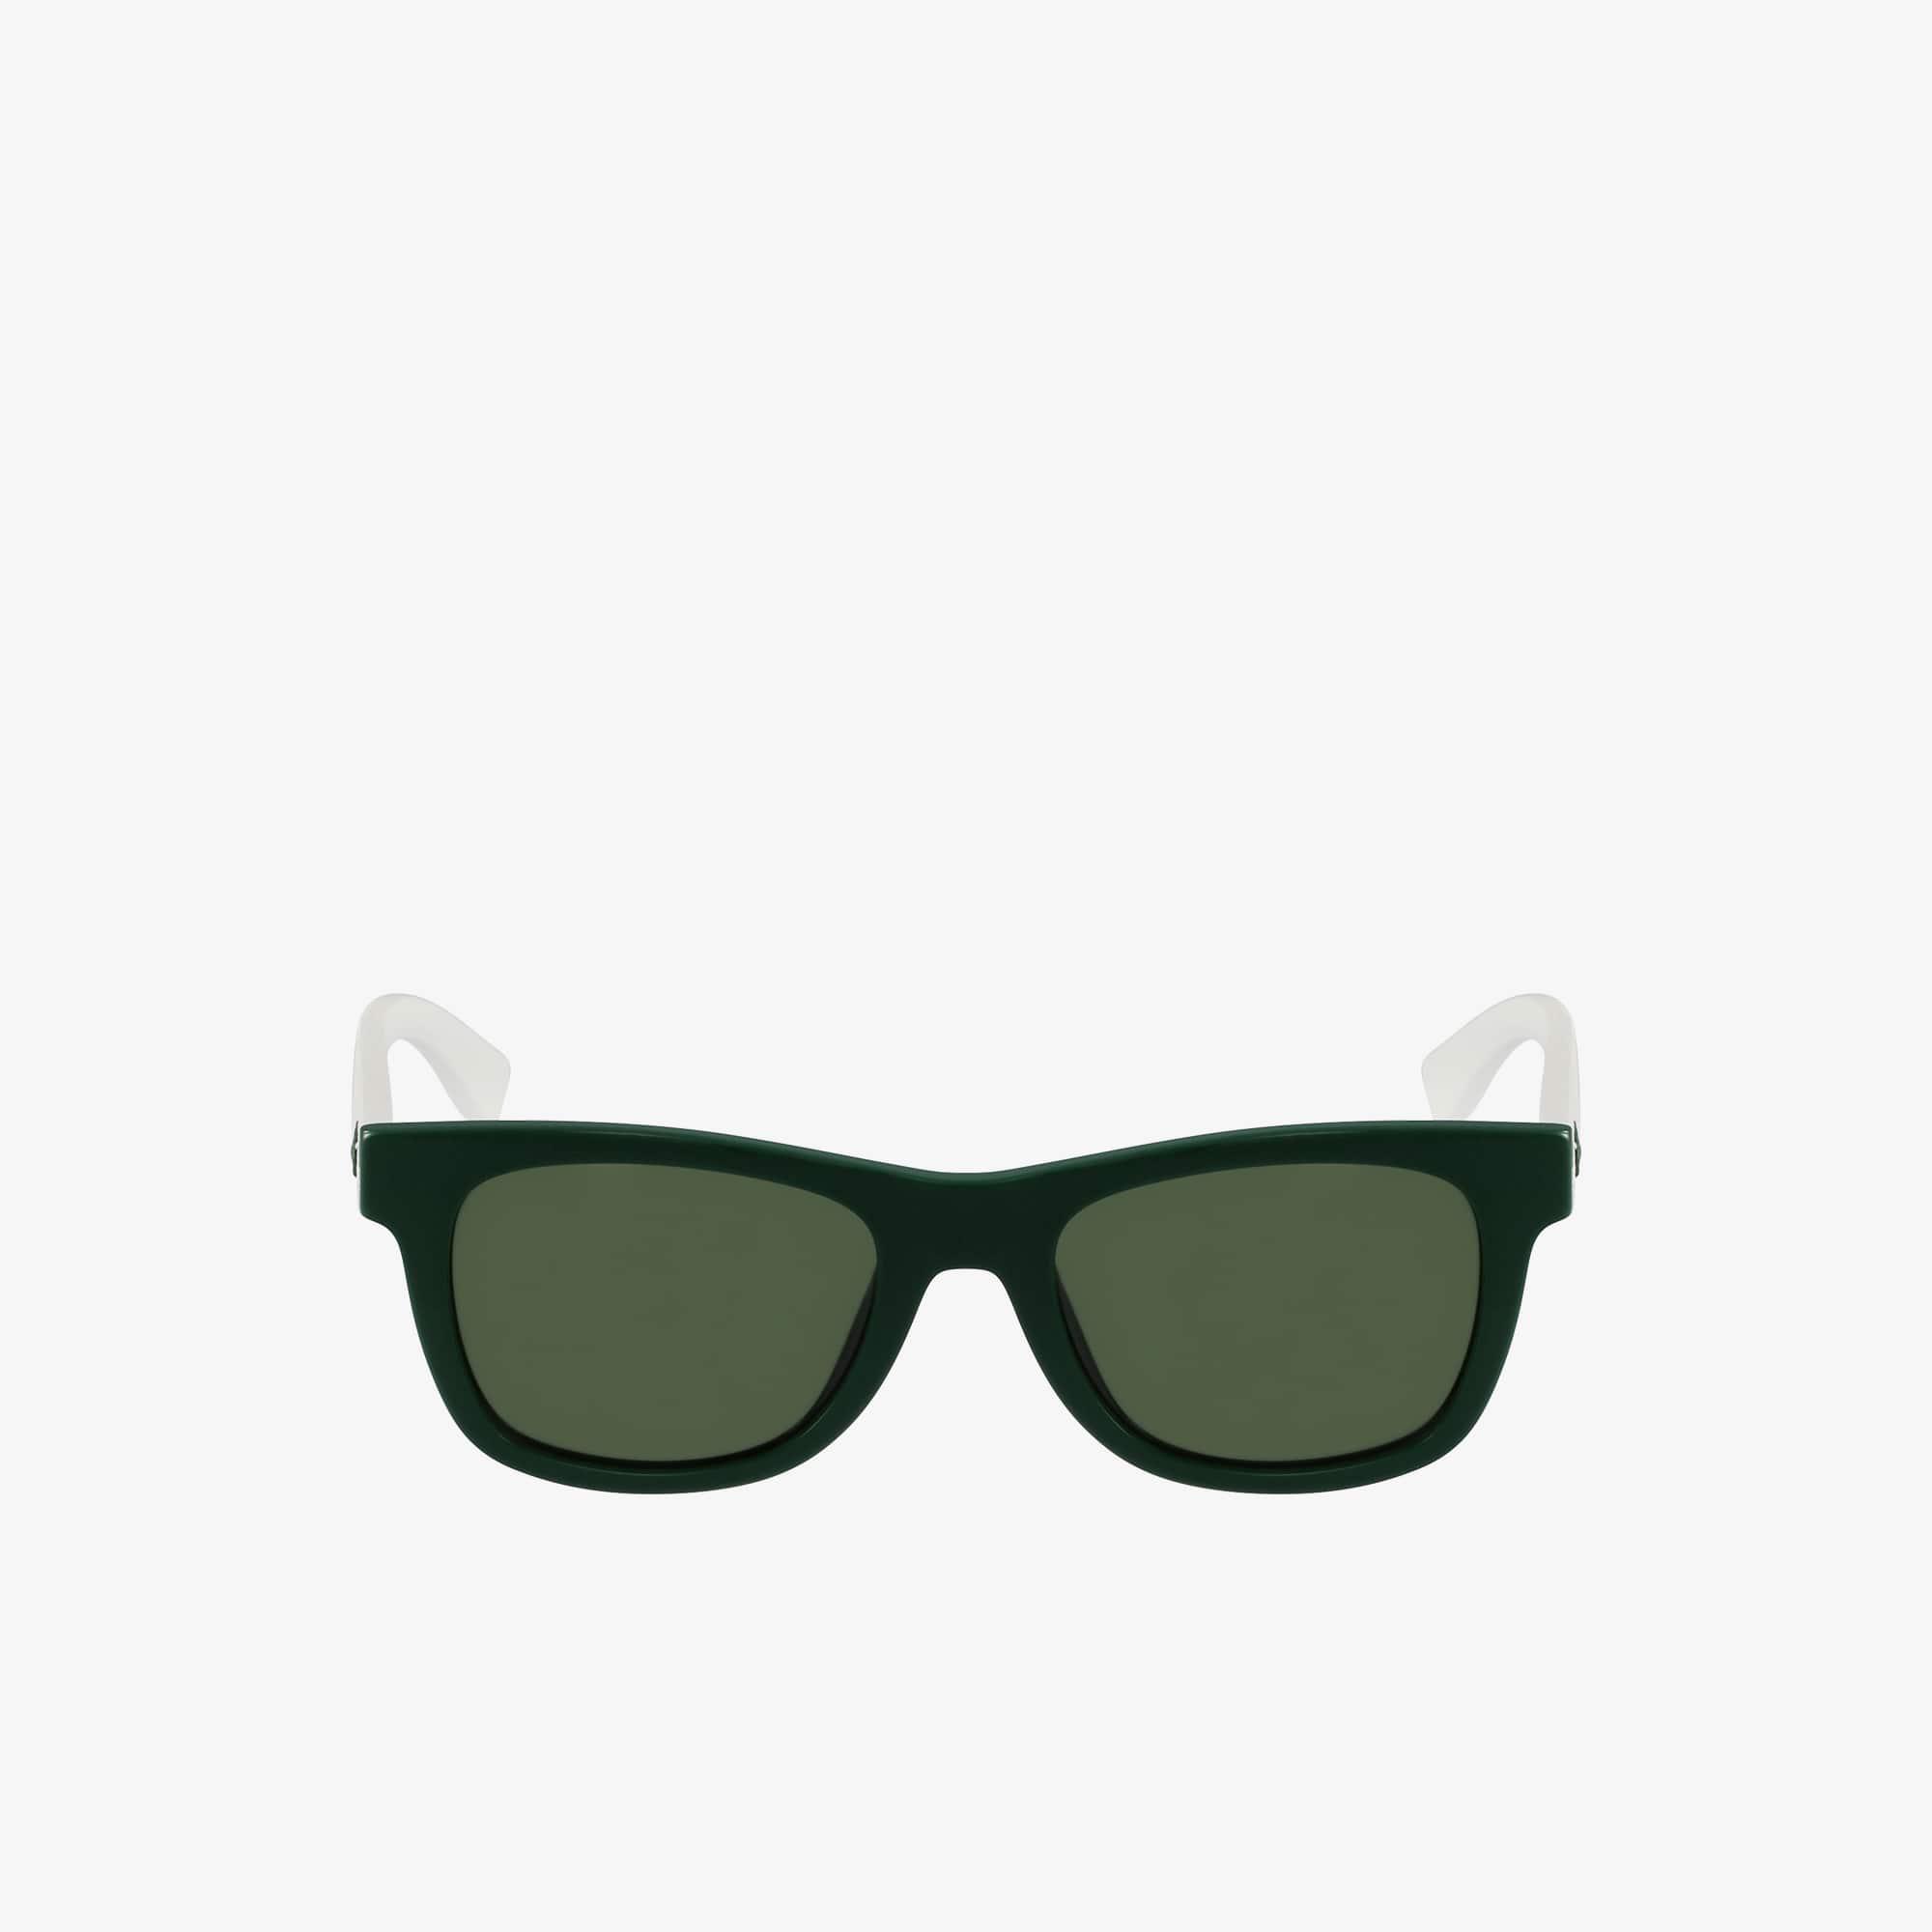 Unisex Tween's Plastic Square L.12.12 Sunglasses